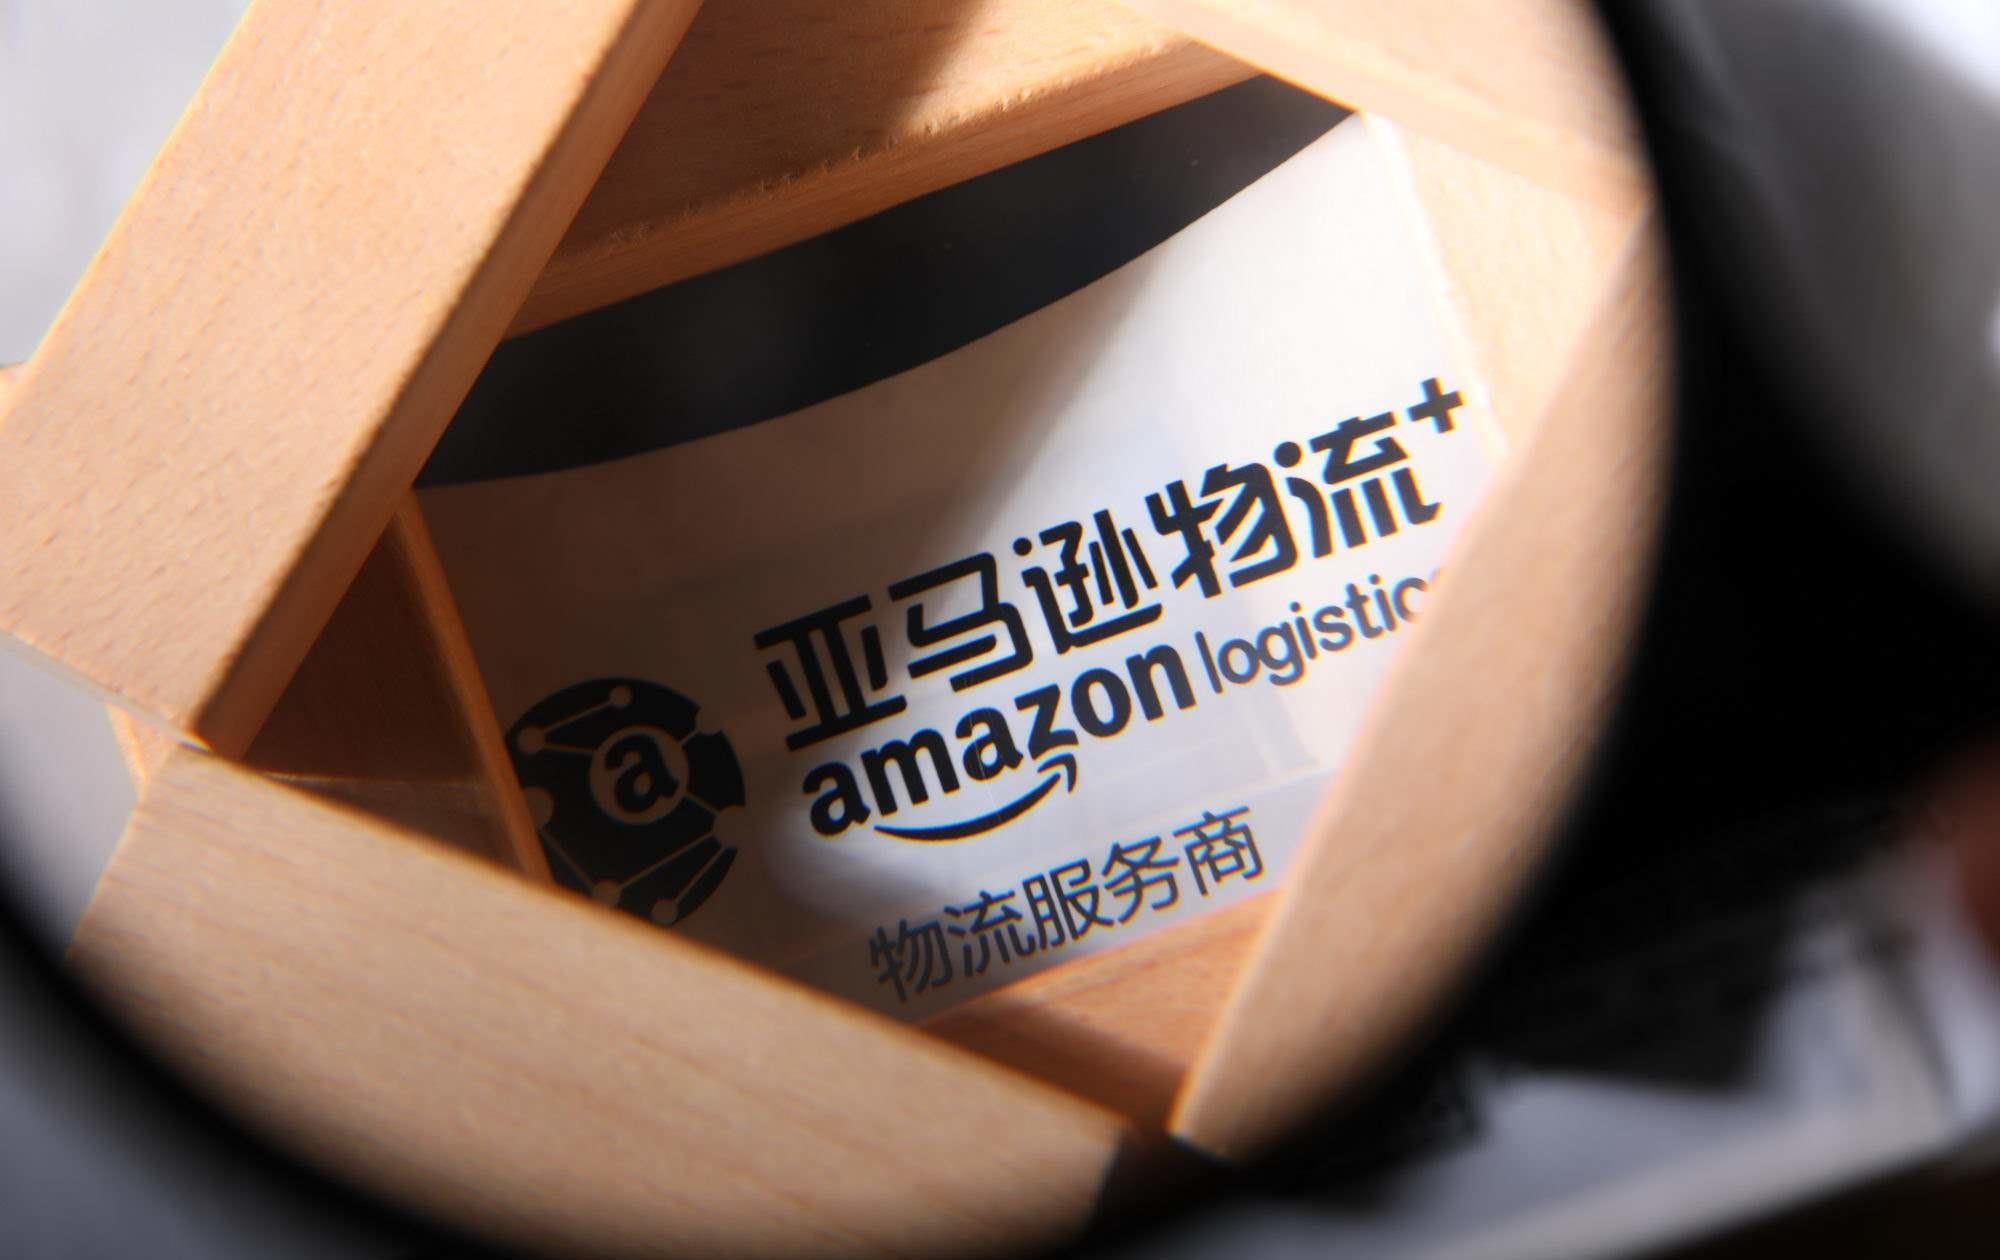 亞馬遜新產品戰略,可為賣家提供產品定位